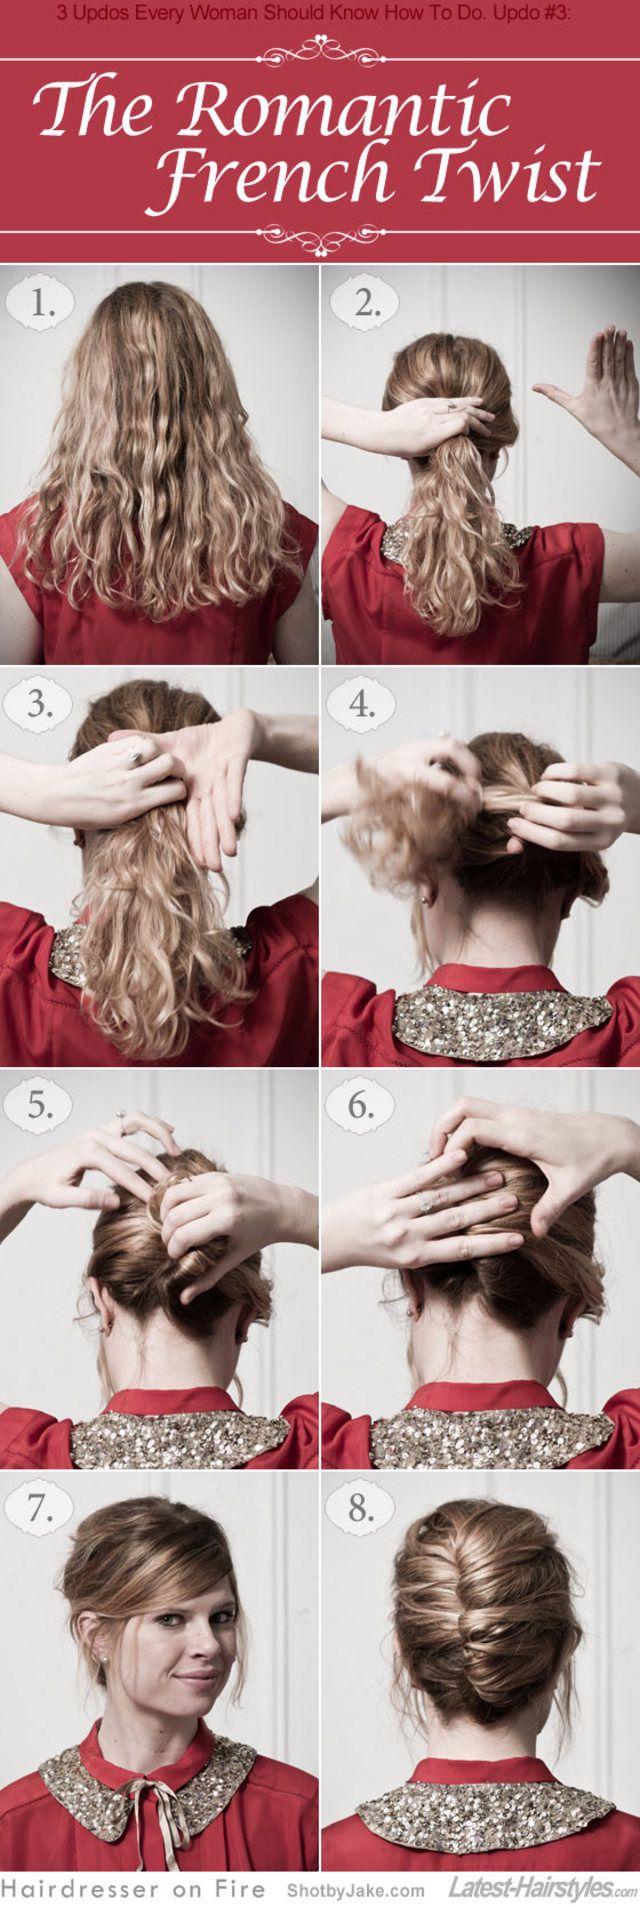 こちらは一人でフレンチツイストをやる場合の簡単バージョン。準備は上と同じく髪の毛をカールにすることから初めて、低めのポニーテールの位置から一気に髪の毛をネジネジとツイストして折り畳み、ピンで留める方法です。折りたたんだツイストをしっかり持ちながら作業すると意外と 簡単にできますよ。